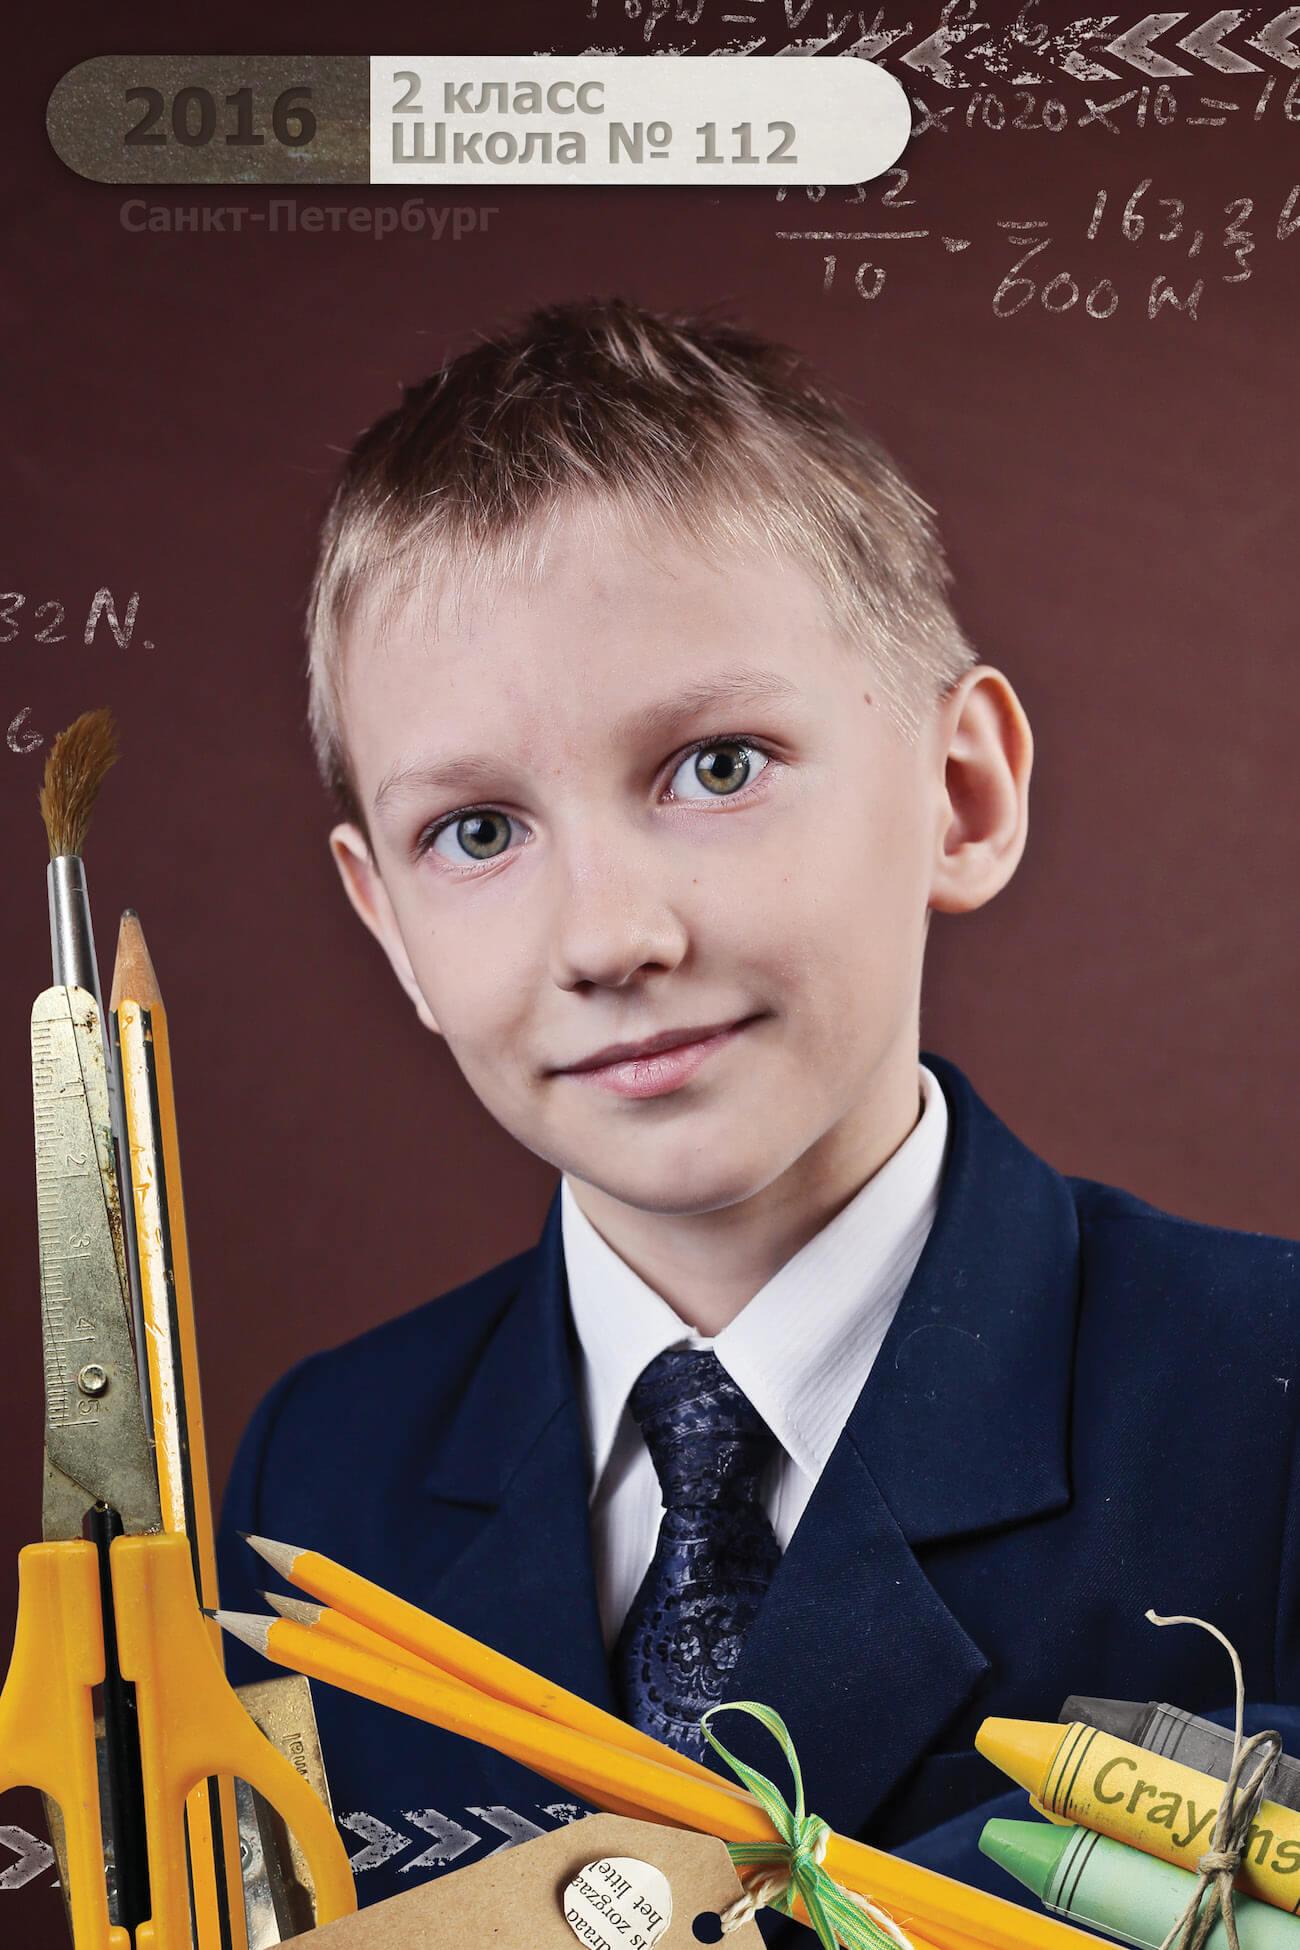 Школьные портреты и общая фотография 2 класс